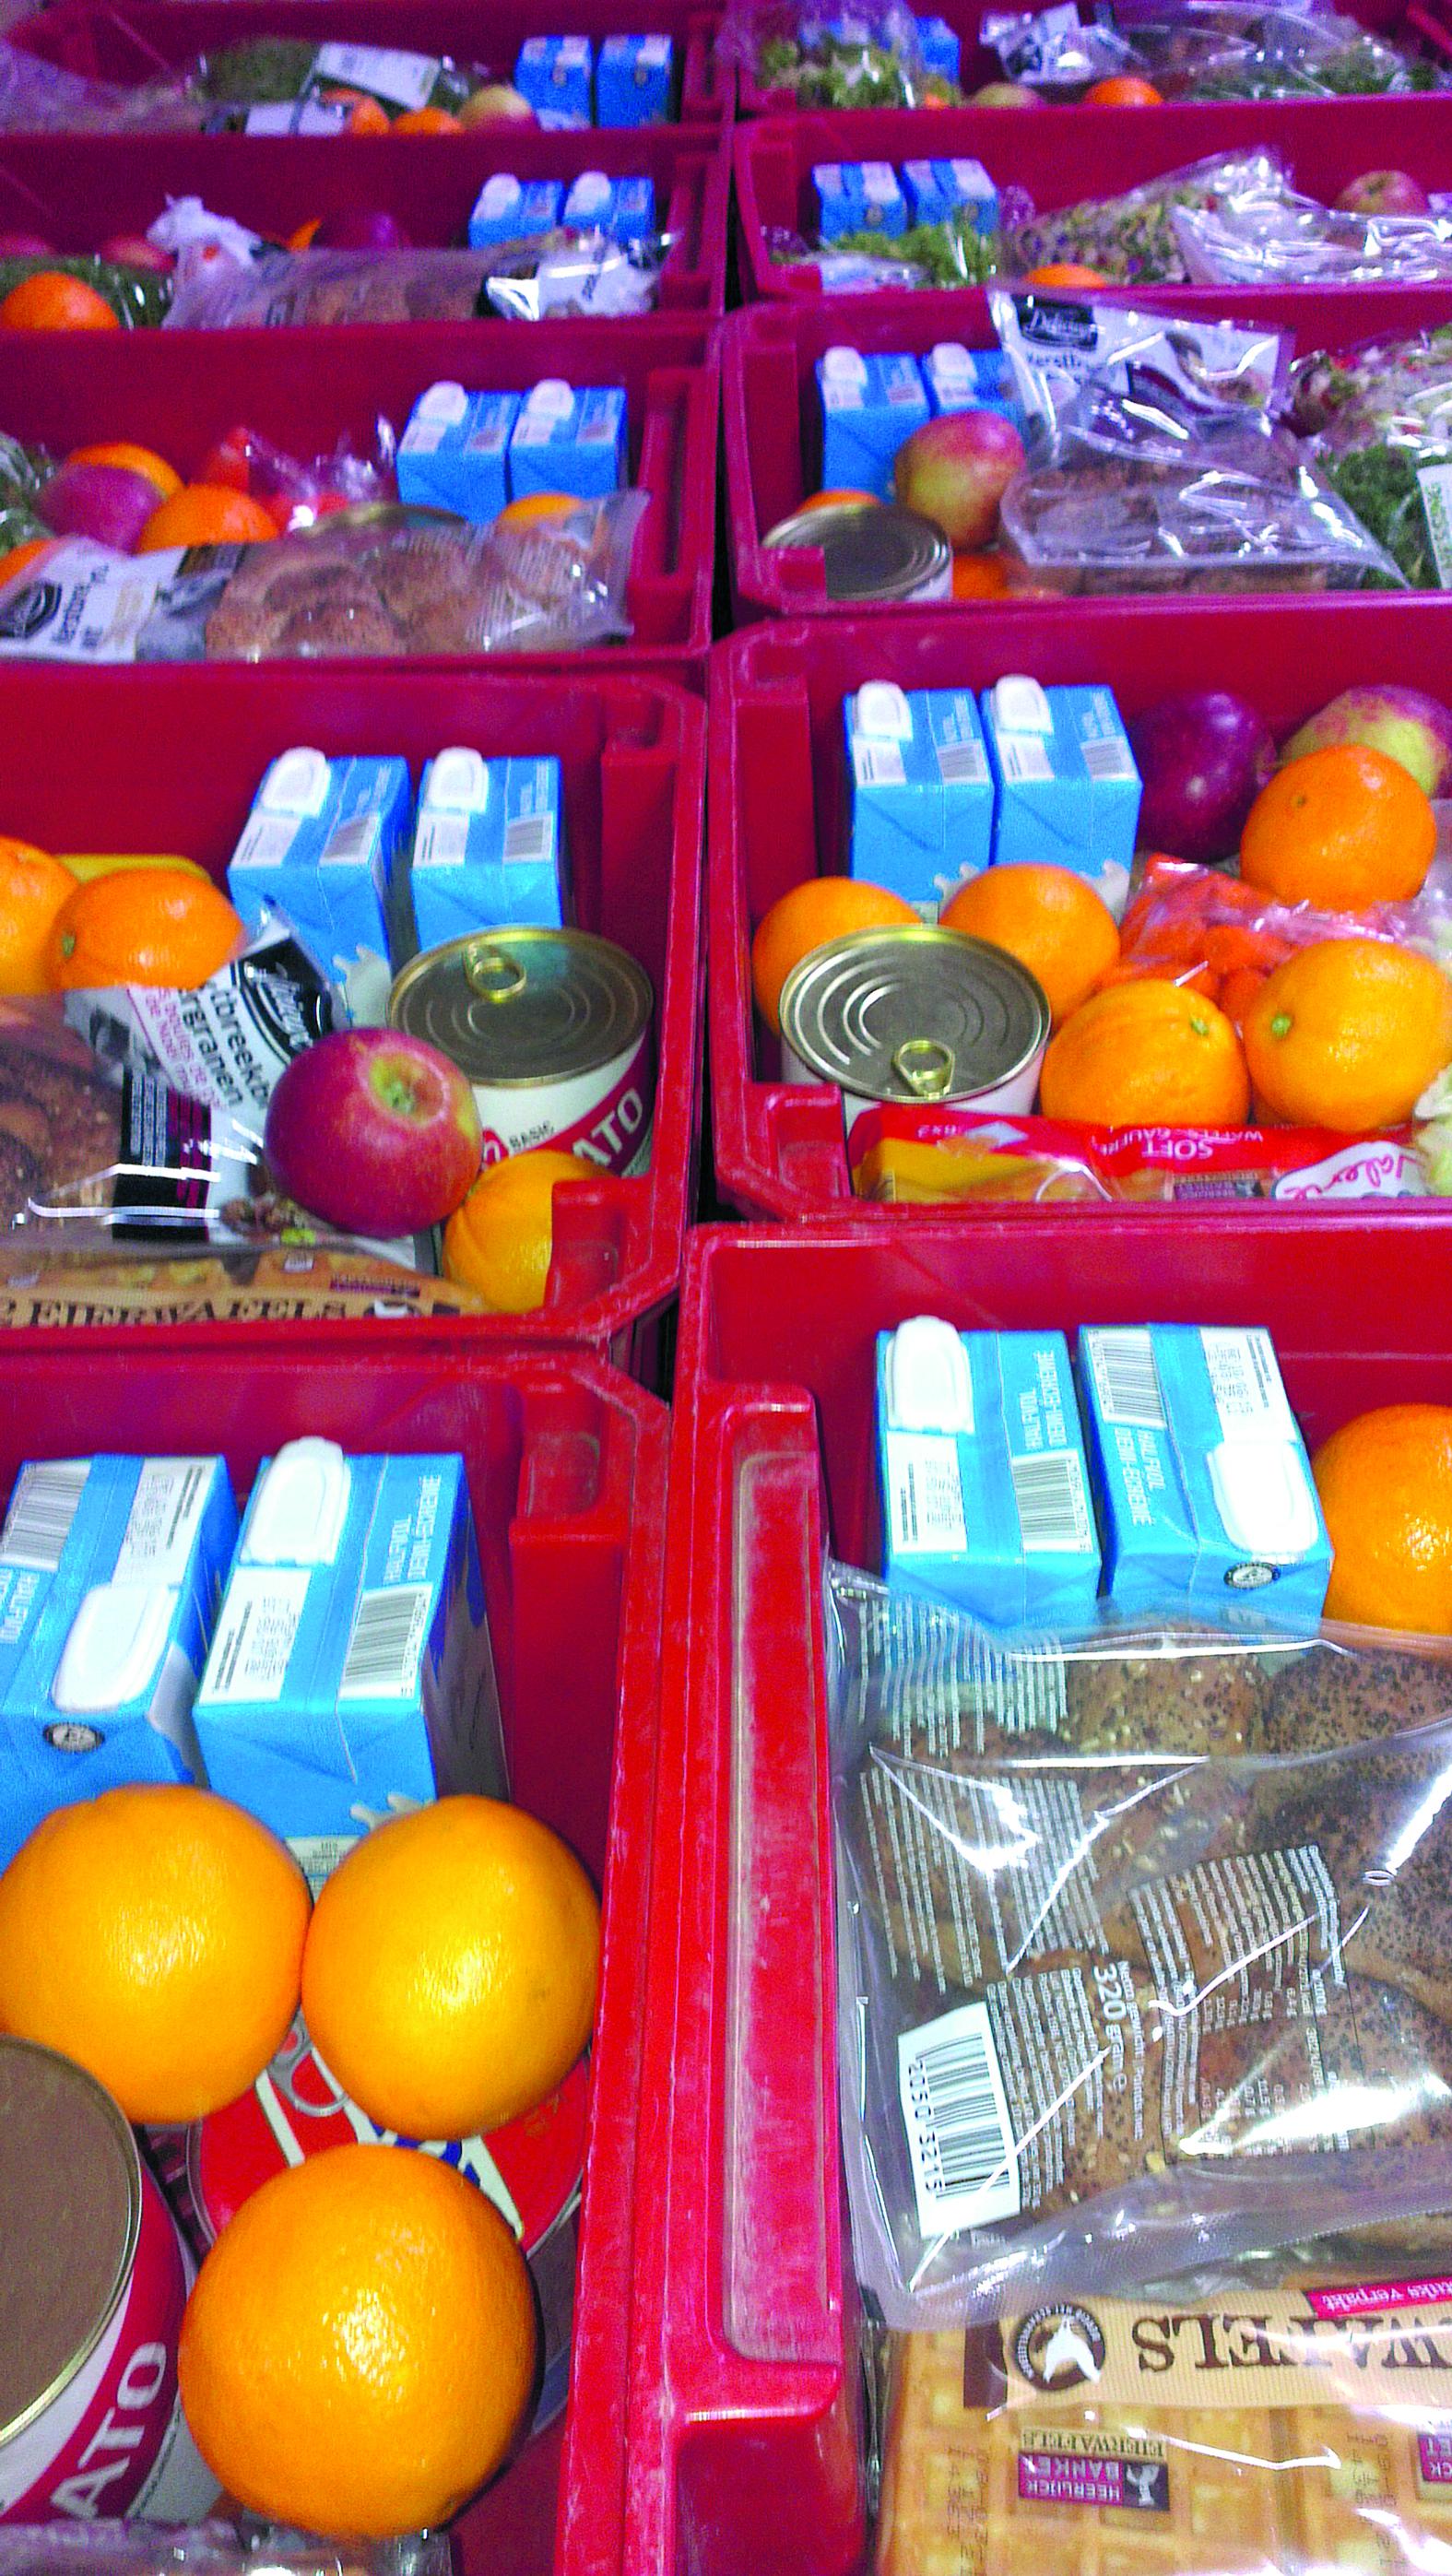 De stichting denkt dat er meer gezinnen gebruik kunnen maken van de noodhulp. (Foto's aangeleverd) rodi.nl © rodi